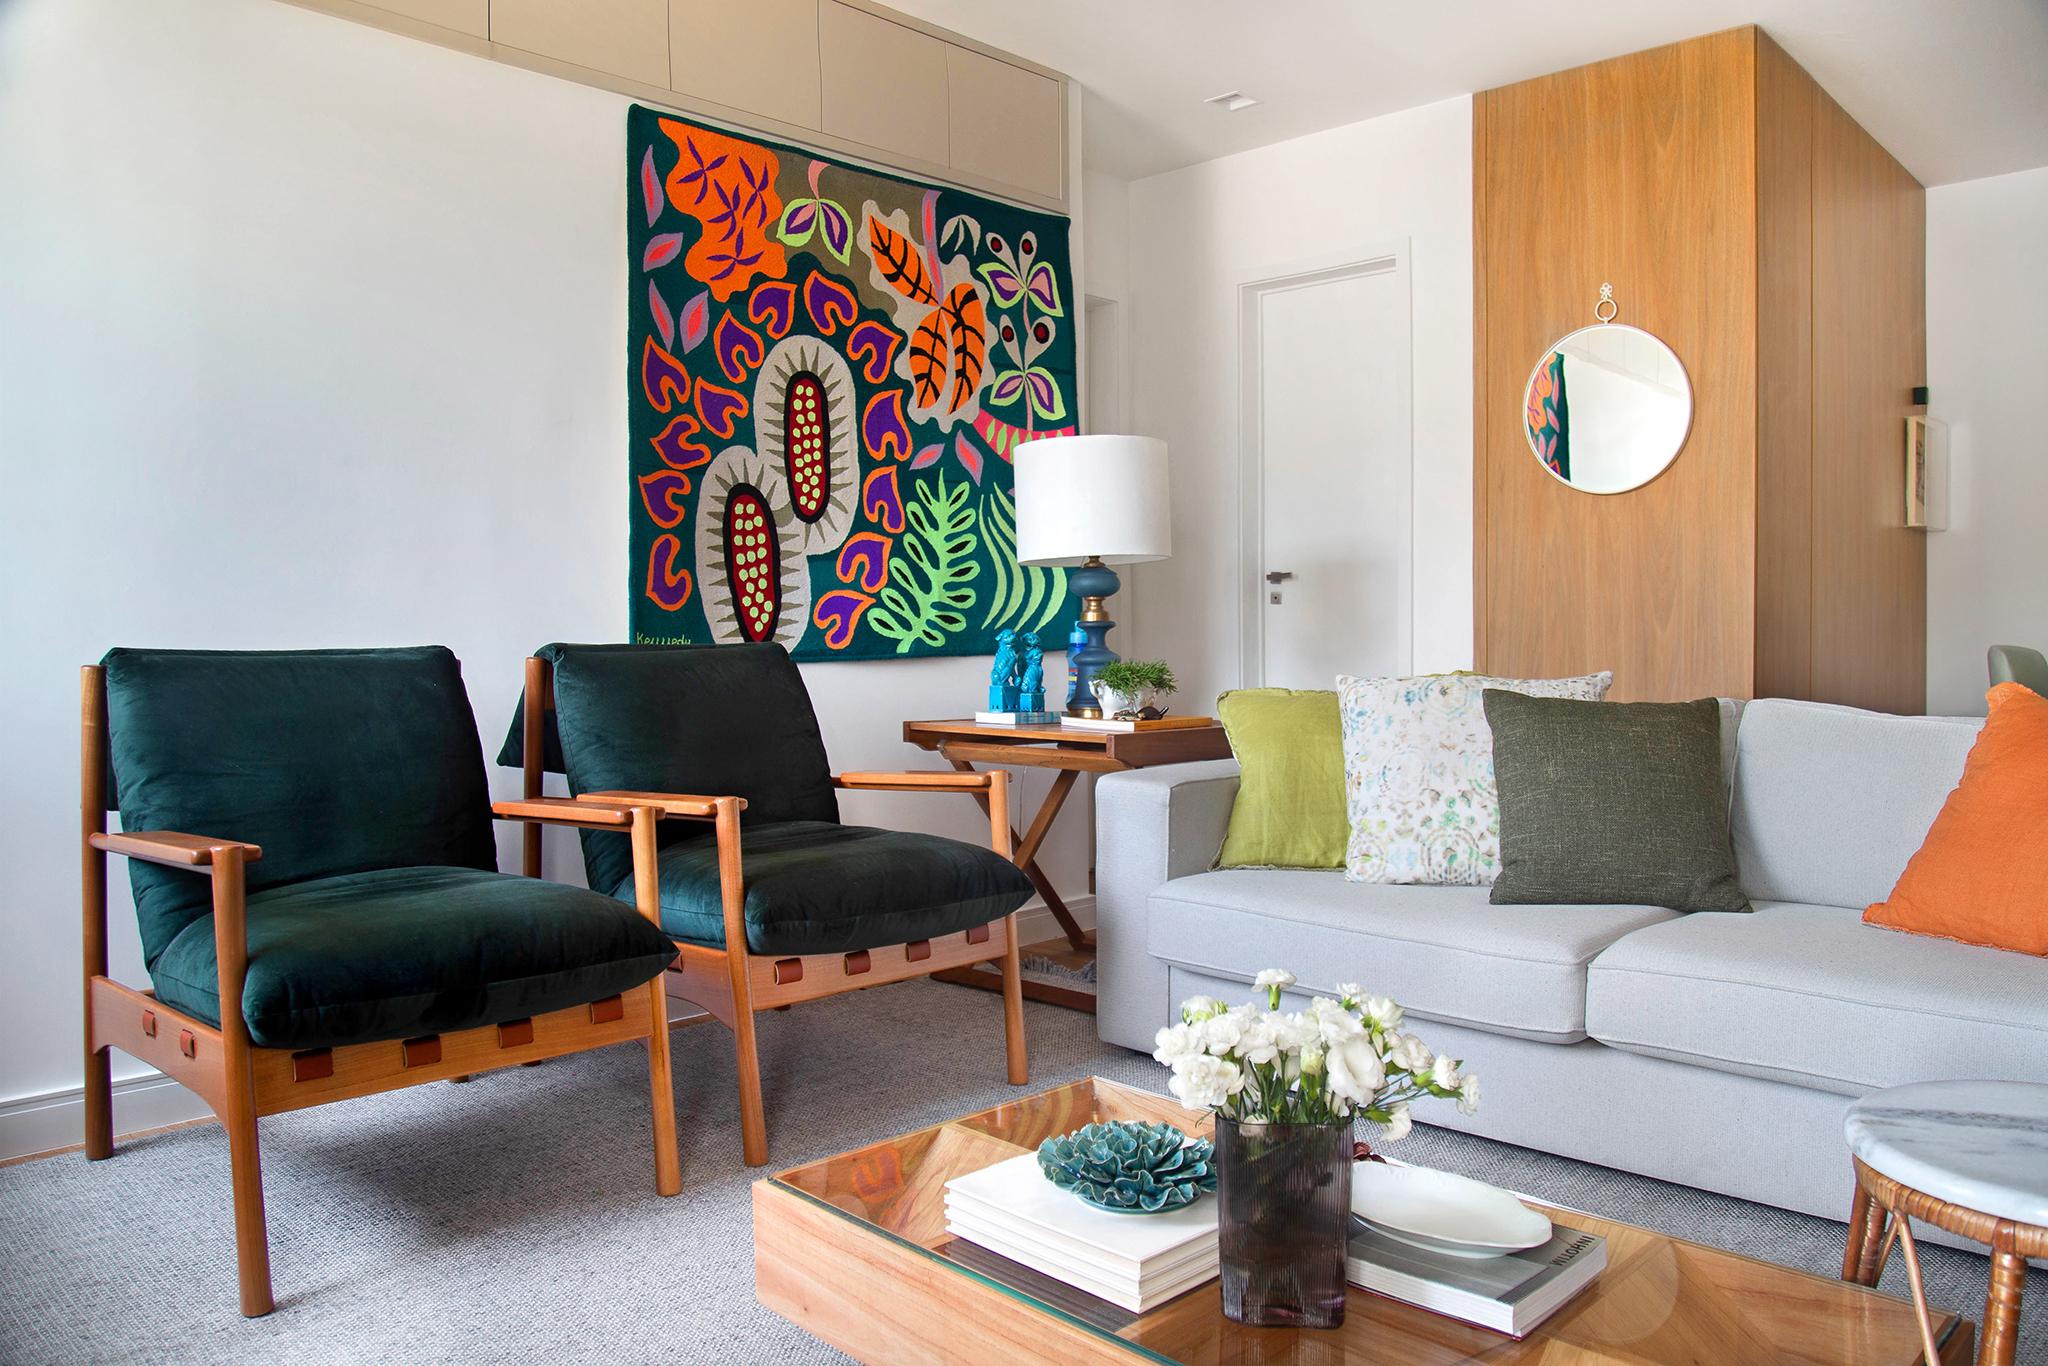 Sala de estar com tapeçaria colorida na parede, duas poltronas verdes, um sofá cinza claro e uma mesa de centro de madeira